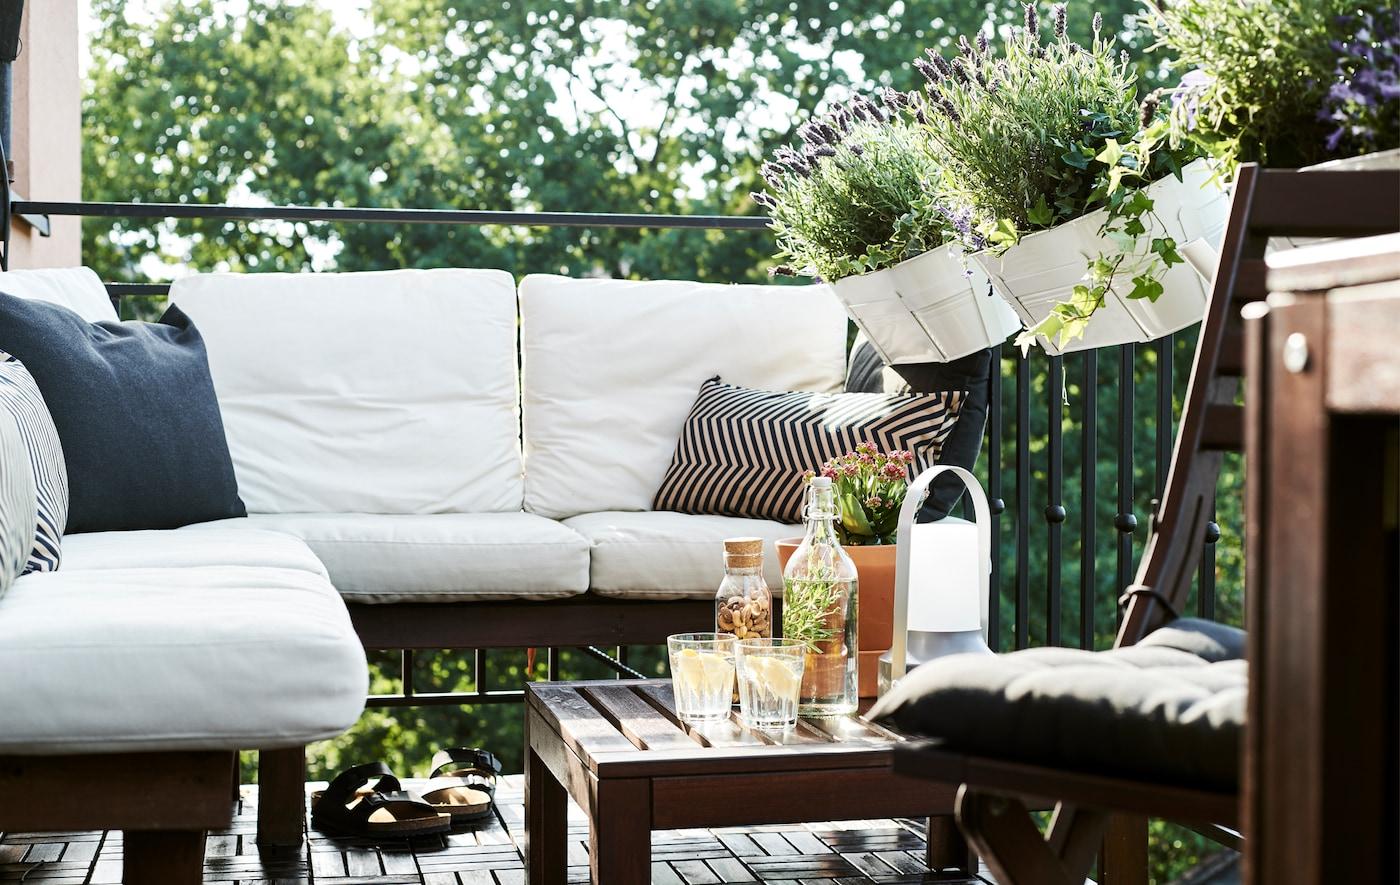 Dunkle Holzmöbel mit weißen Polstern auf einem begrünten & kleinen Stadtbalkon.